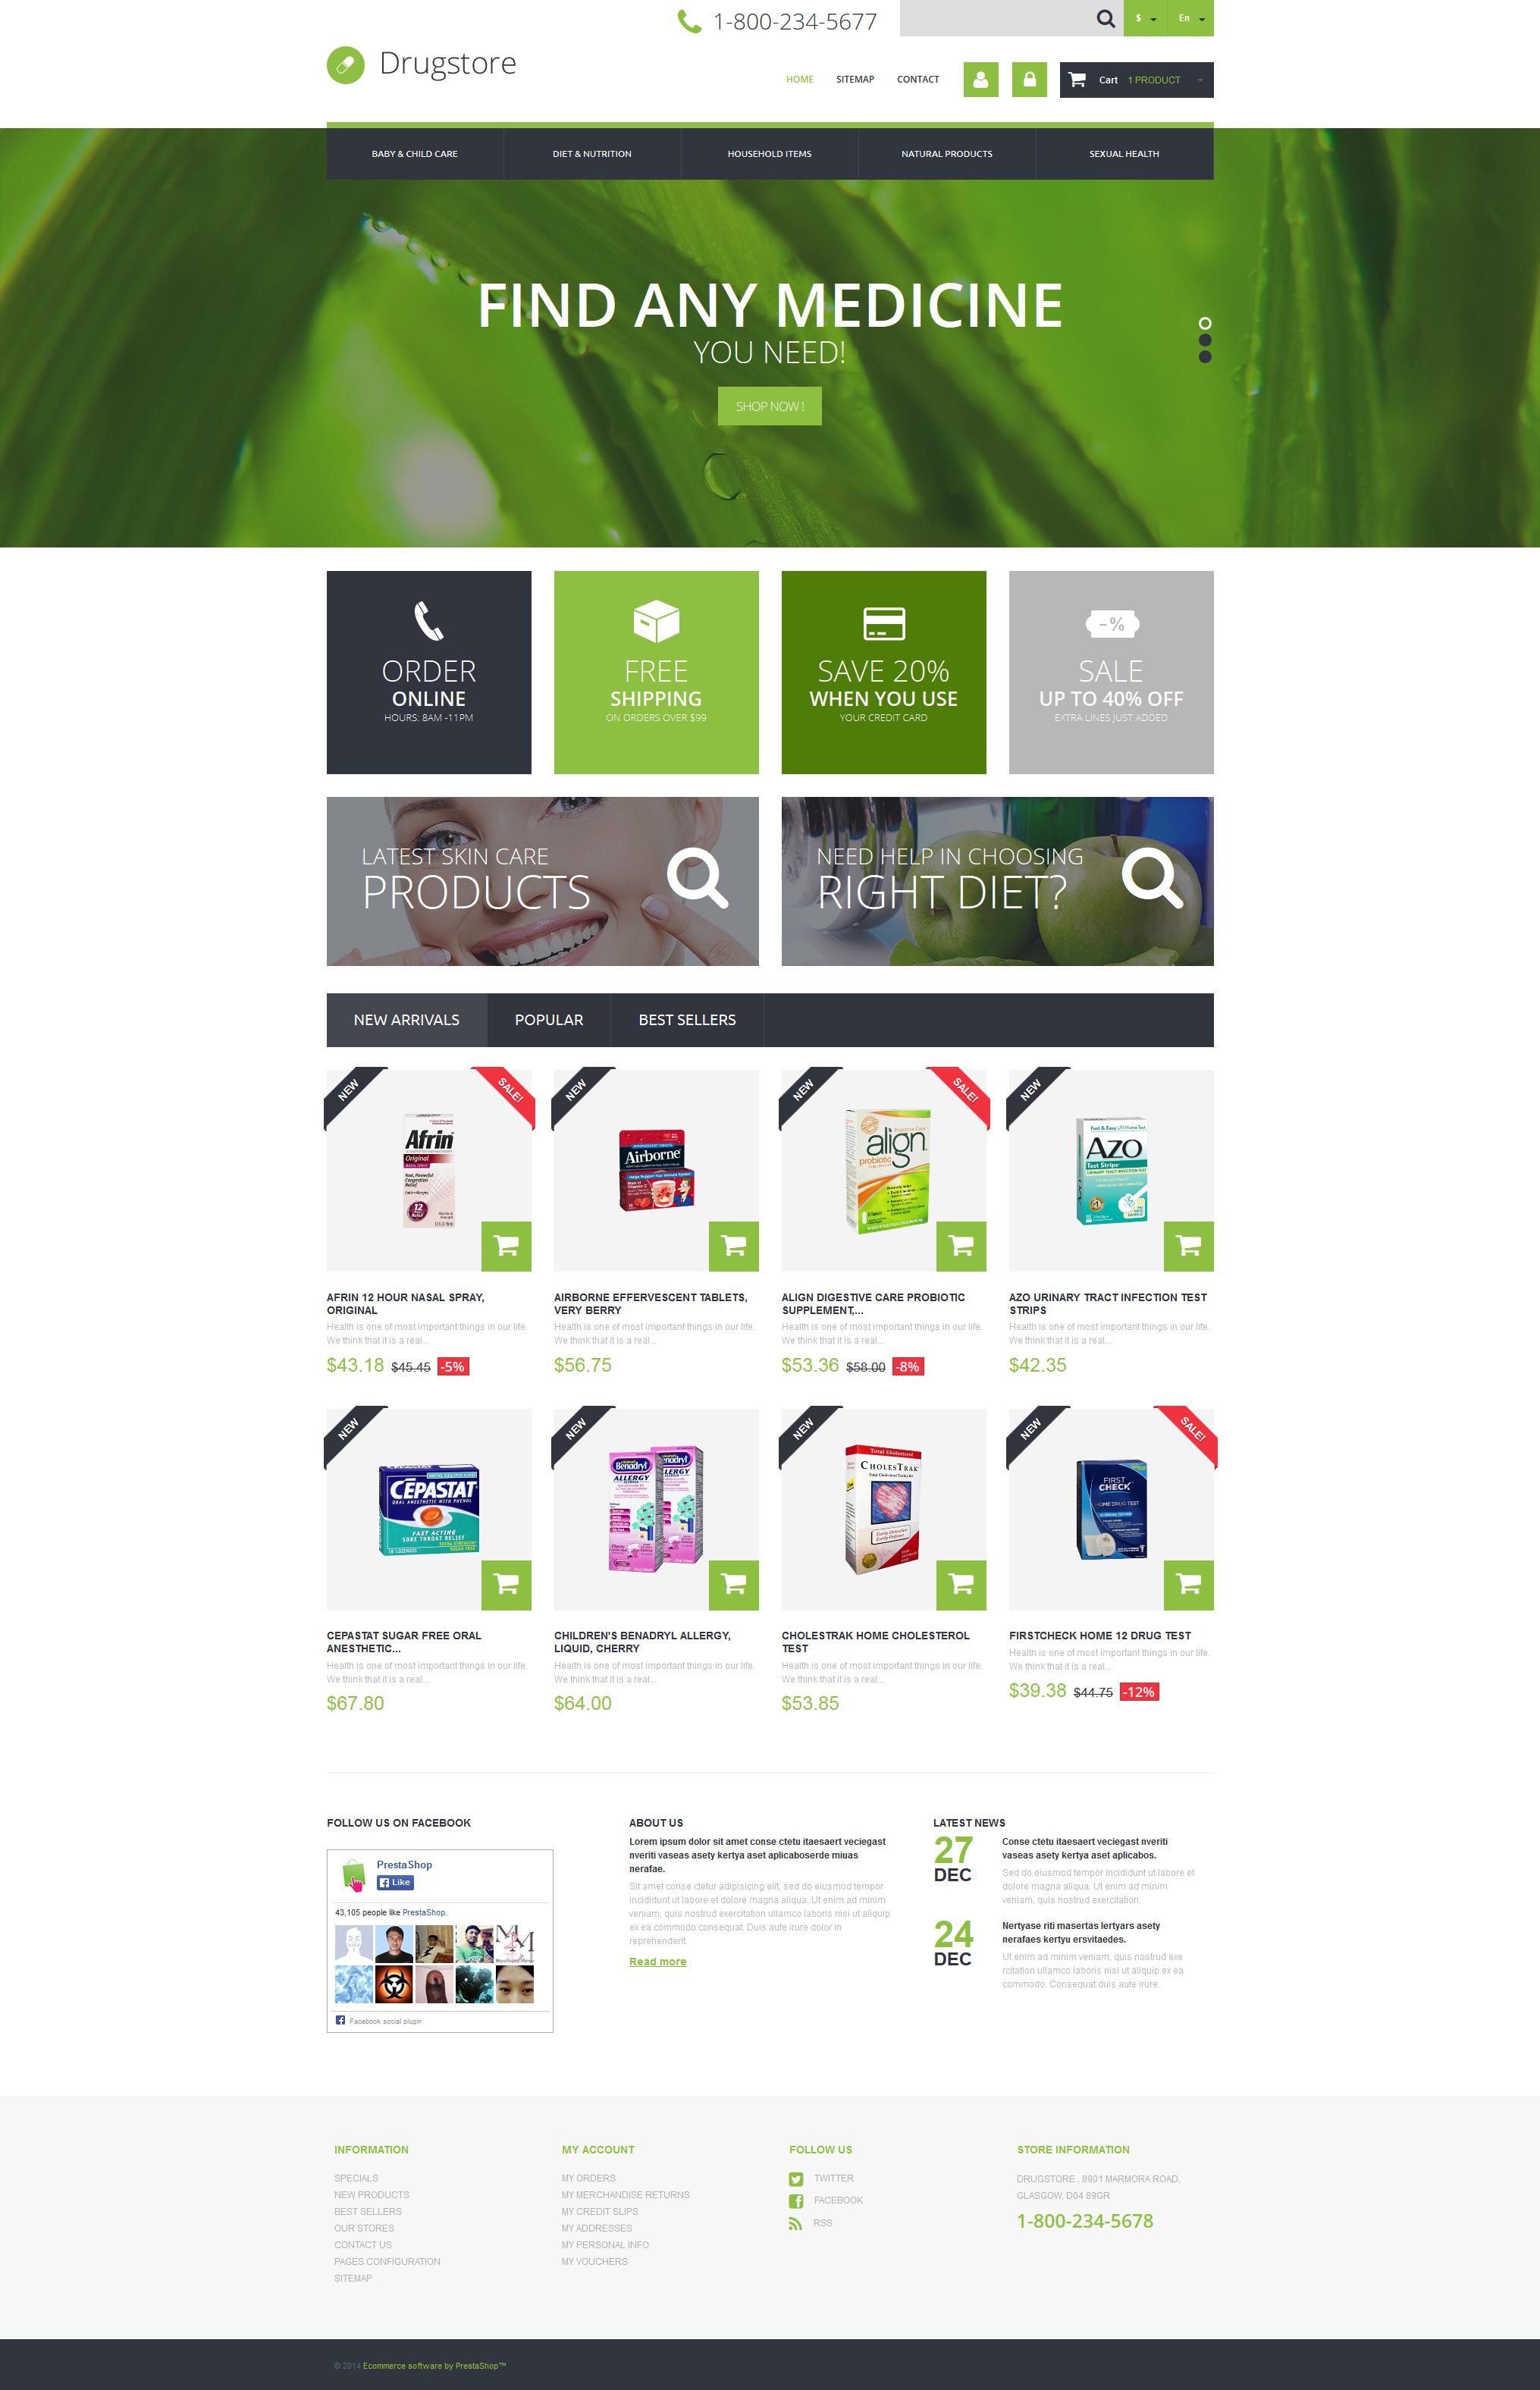 Medical Ecommerce Business №49469 - скриншот